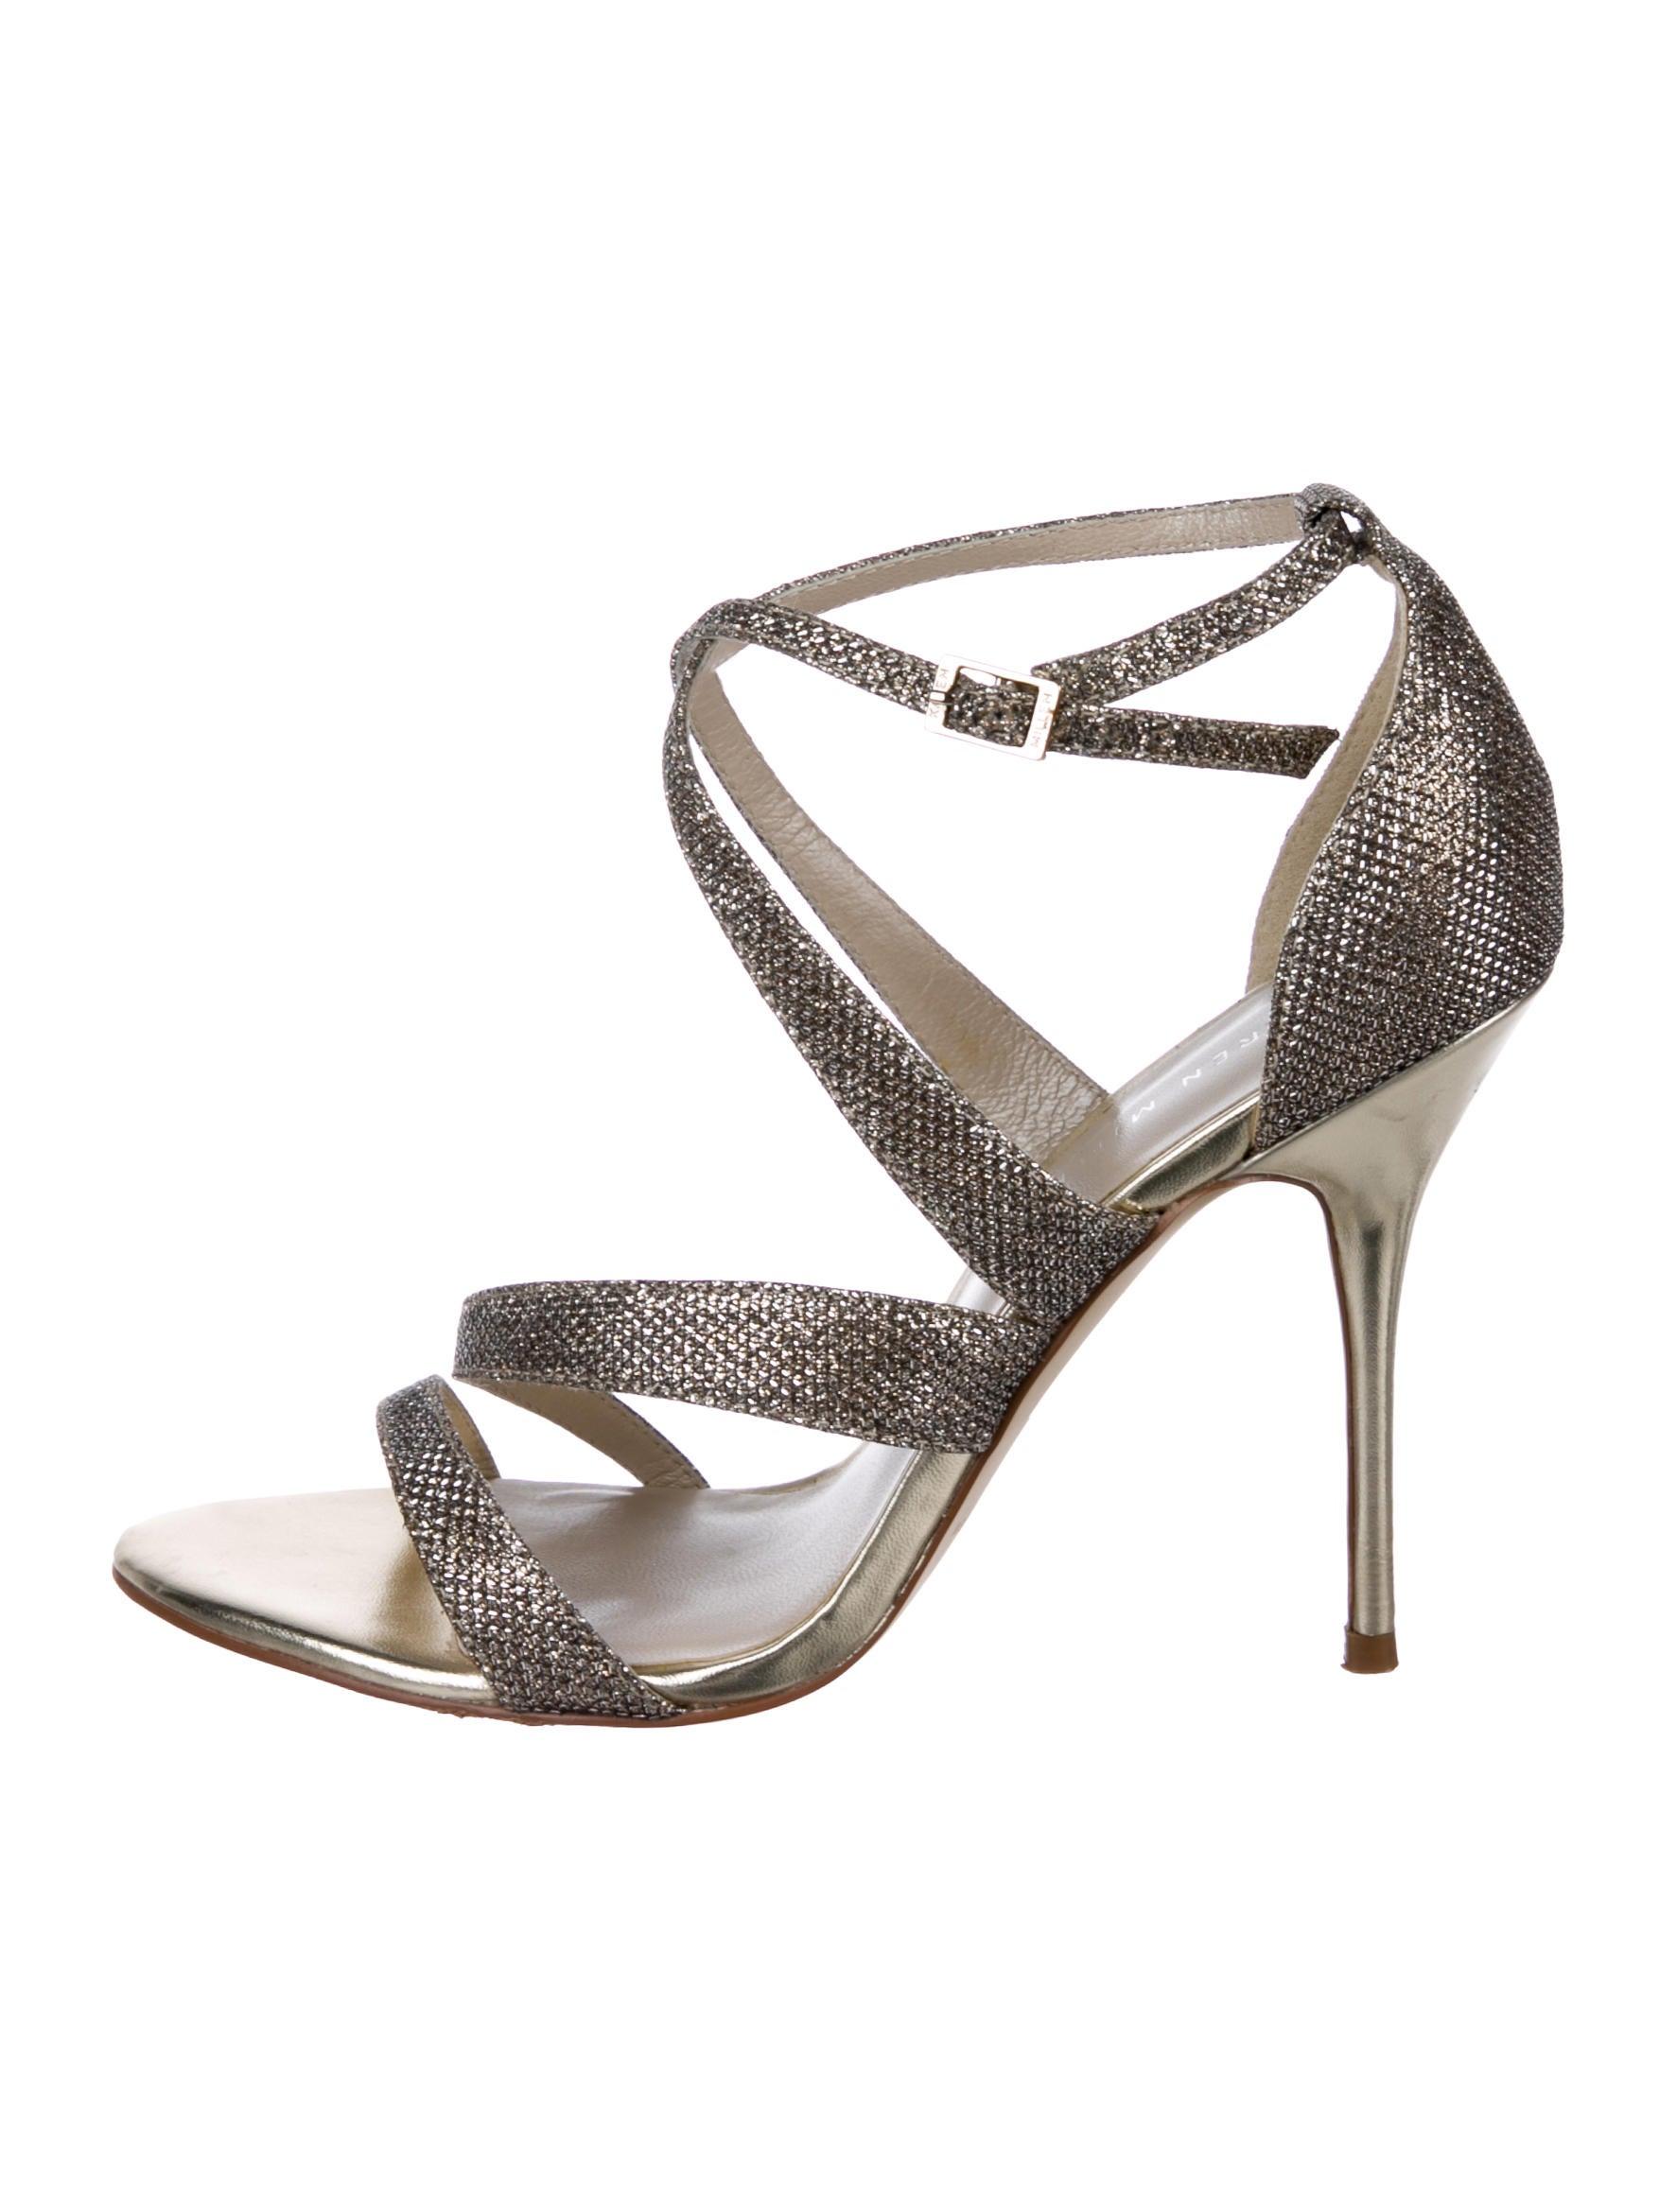 bf5d70683e Karen Millen Glitter Metallic Sandals - Shoes - WKM25755   The RealReal